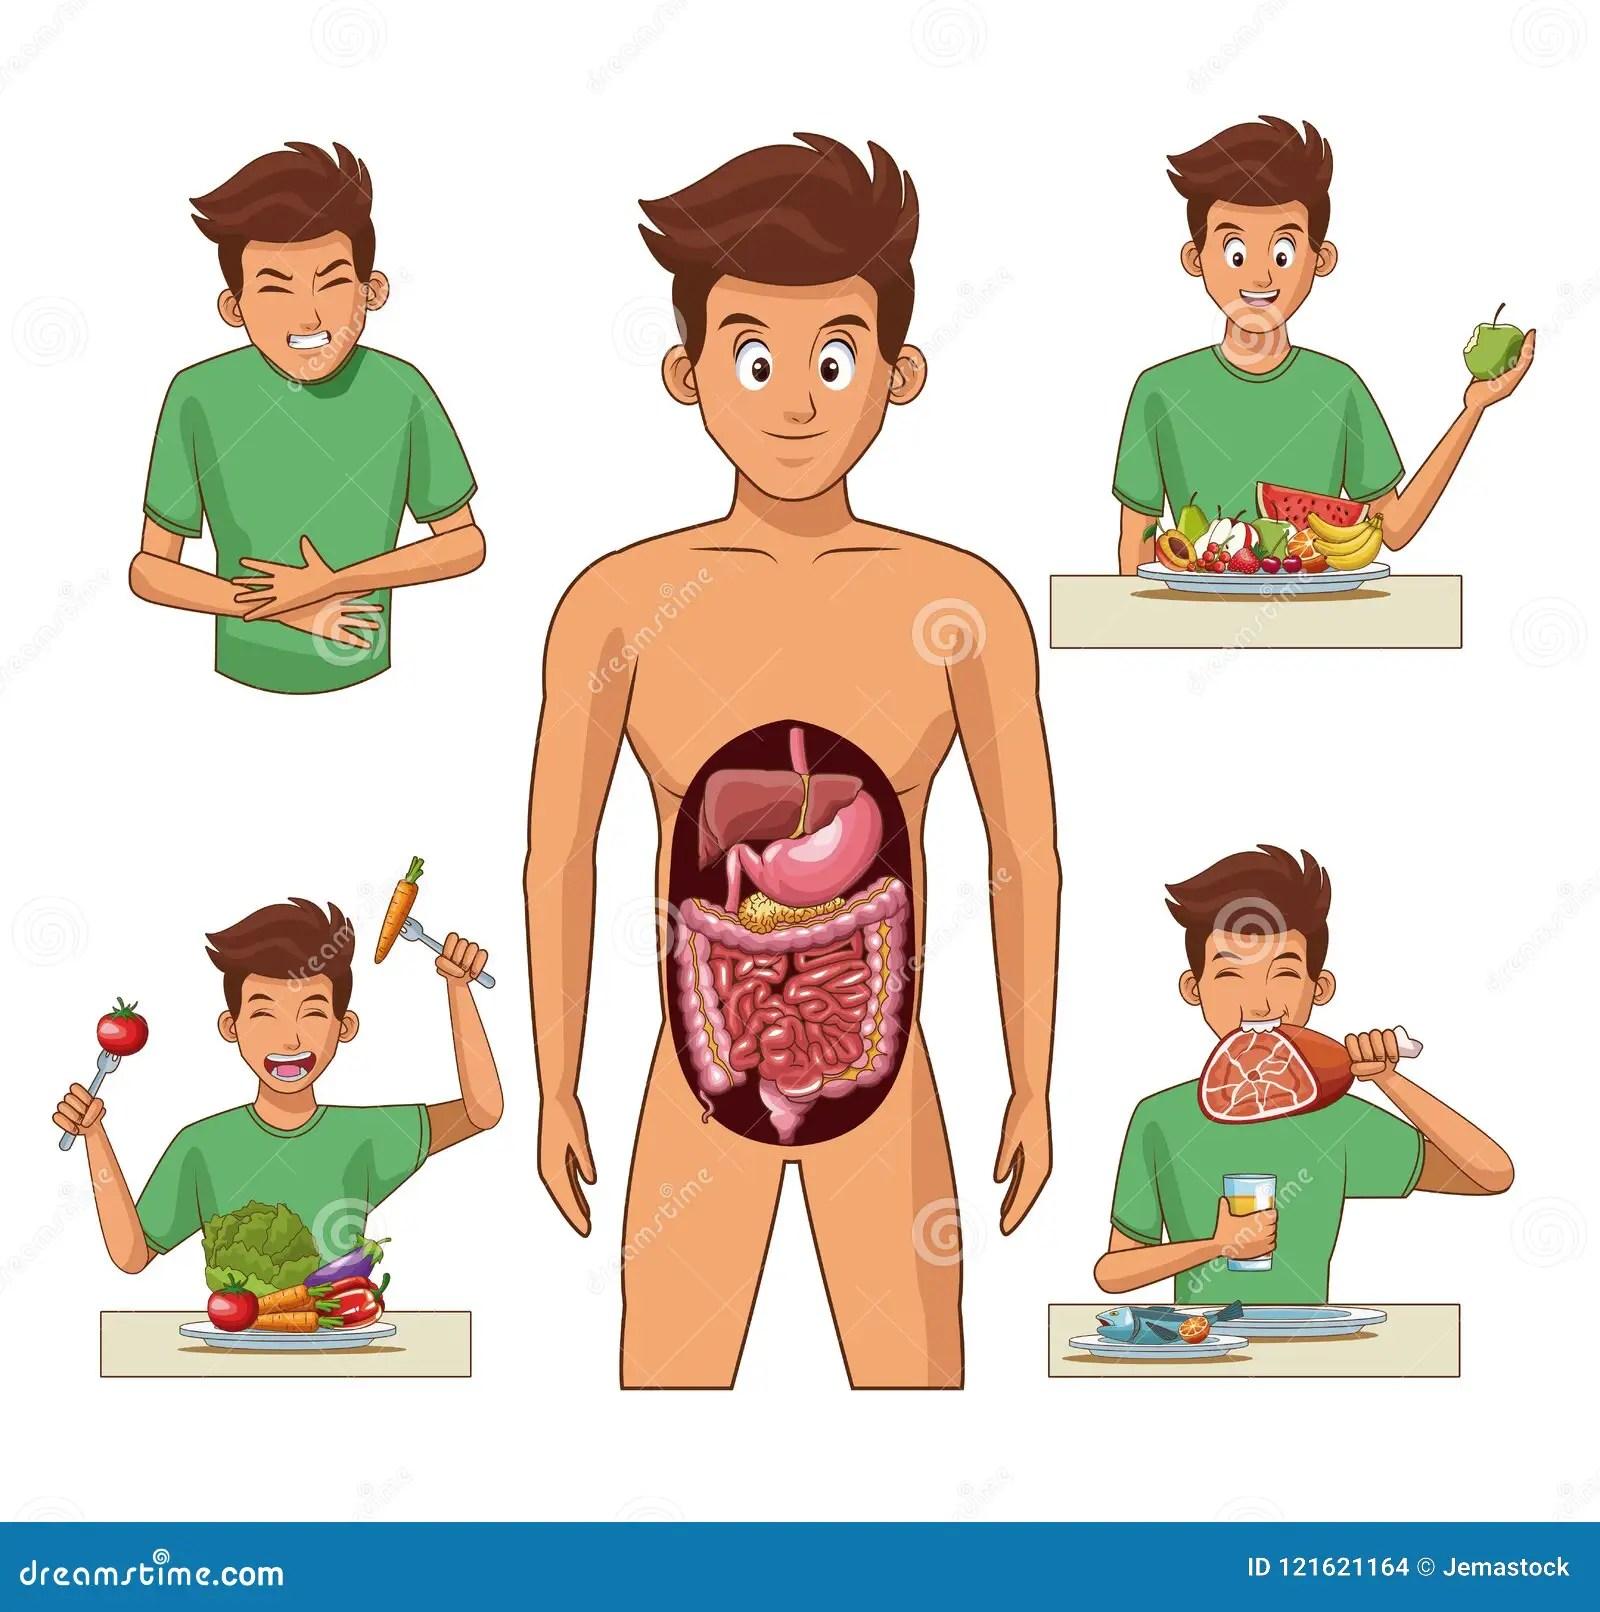 Digestive System Cartoon Stock Vector Illustration Of